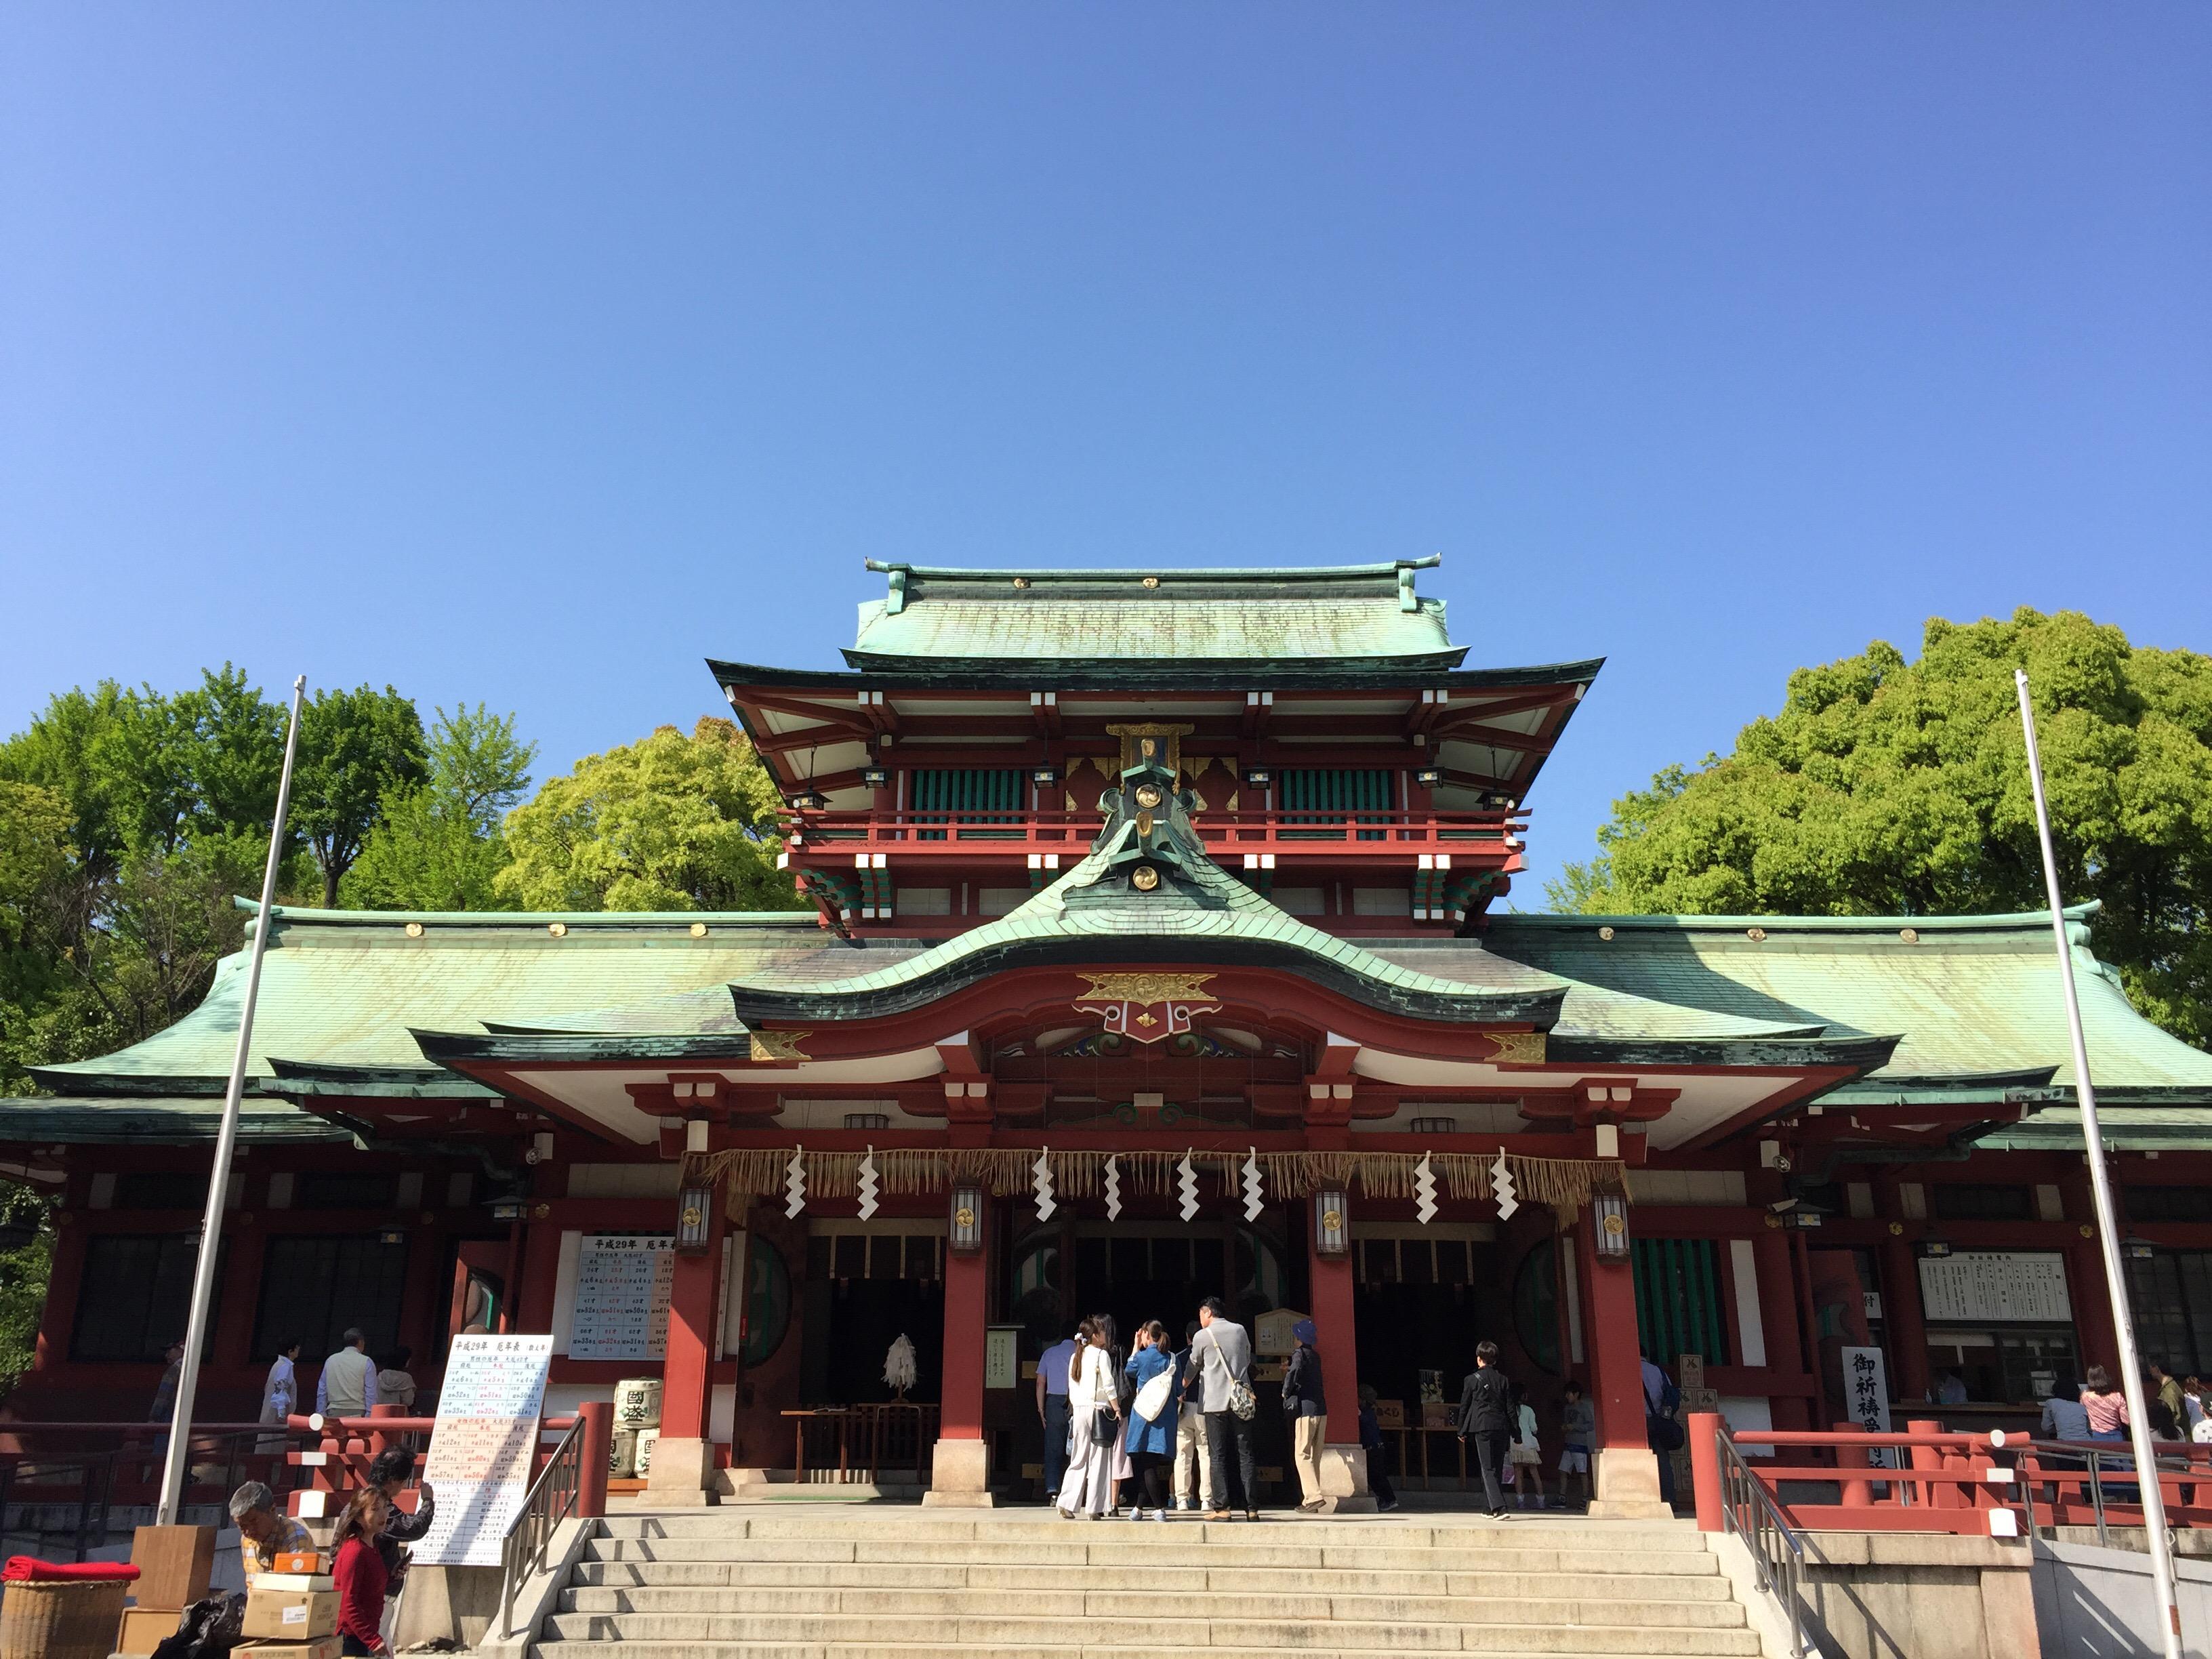 東京十社巡り「富岡八幡宮」!力士碑 伊能忠敬と深川の八幡さま